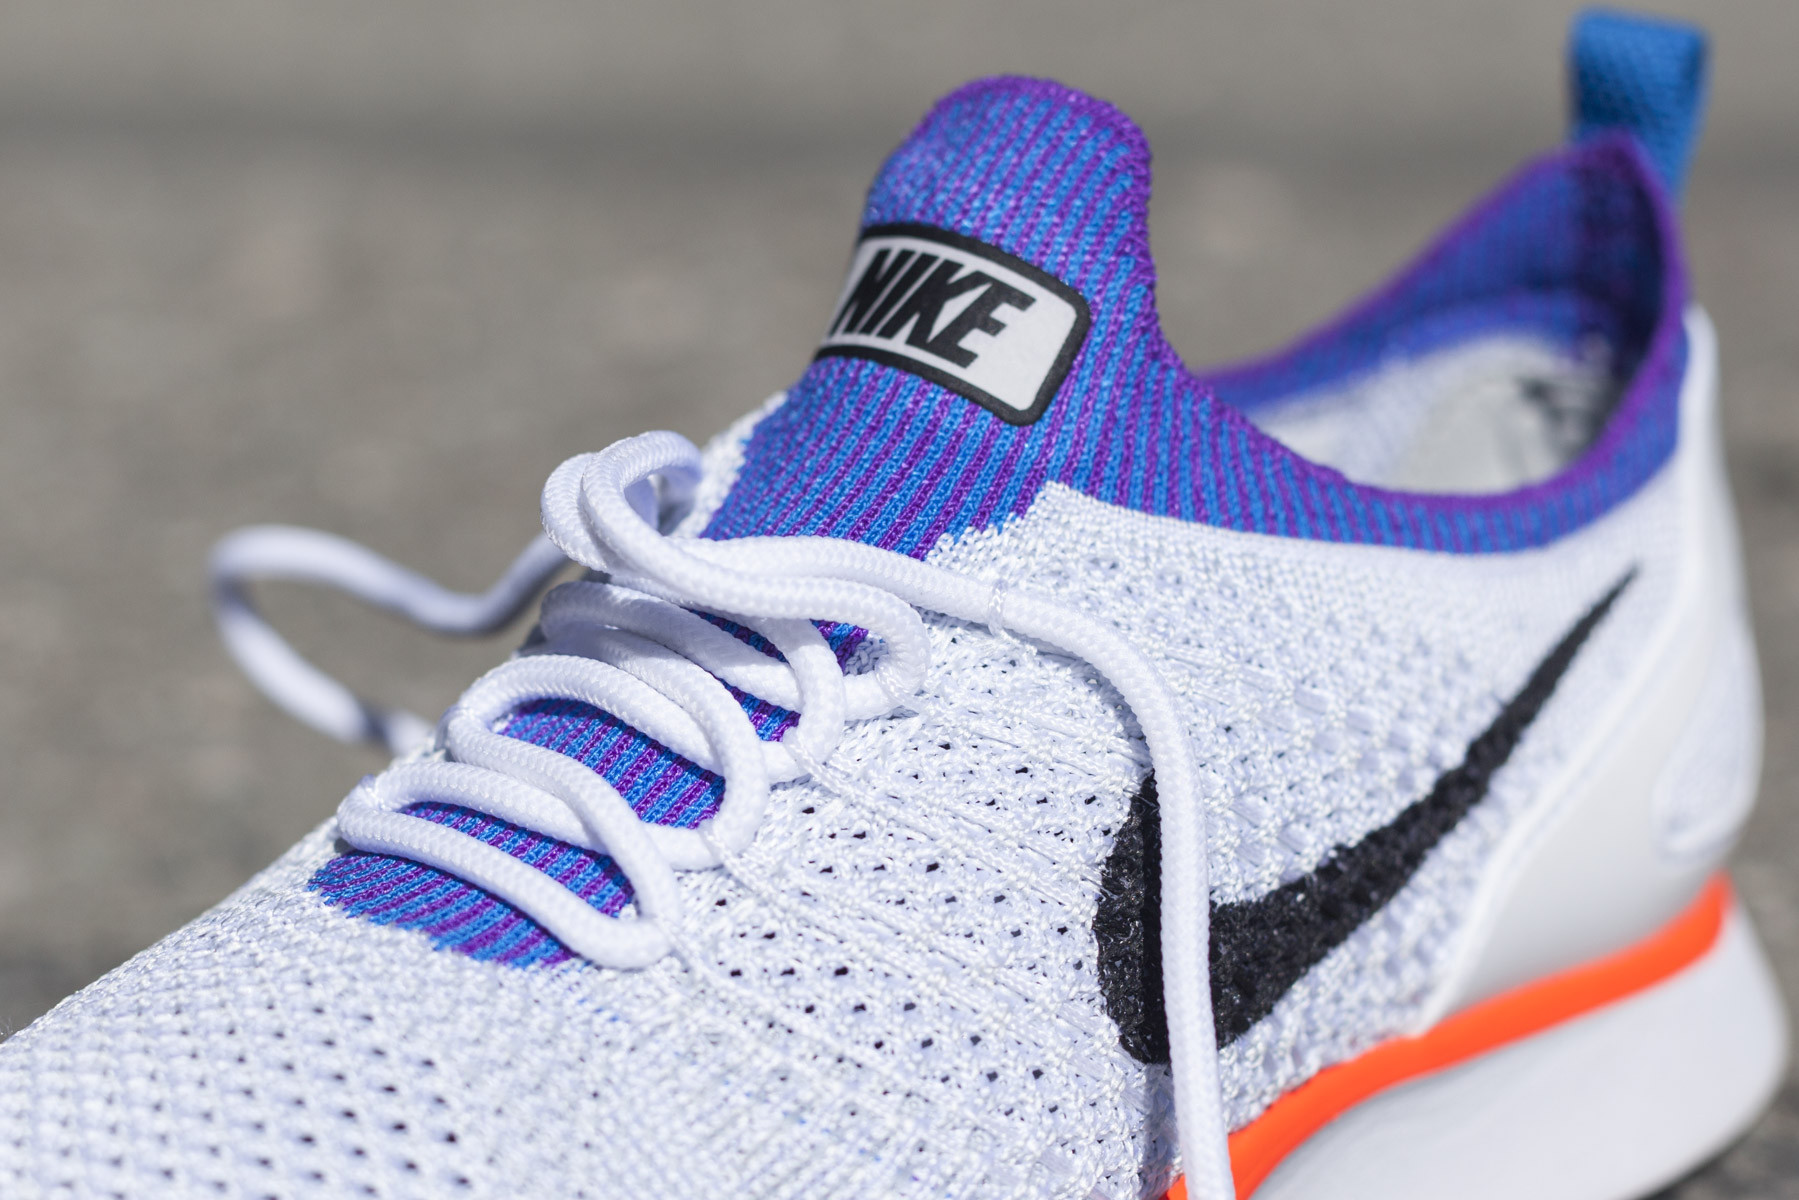 Nke Air Zoom Mariah Flyknit Racer Sneaker.no